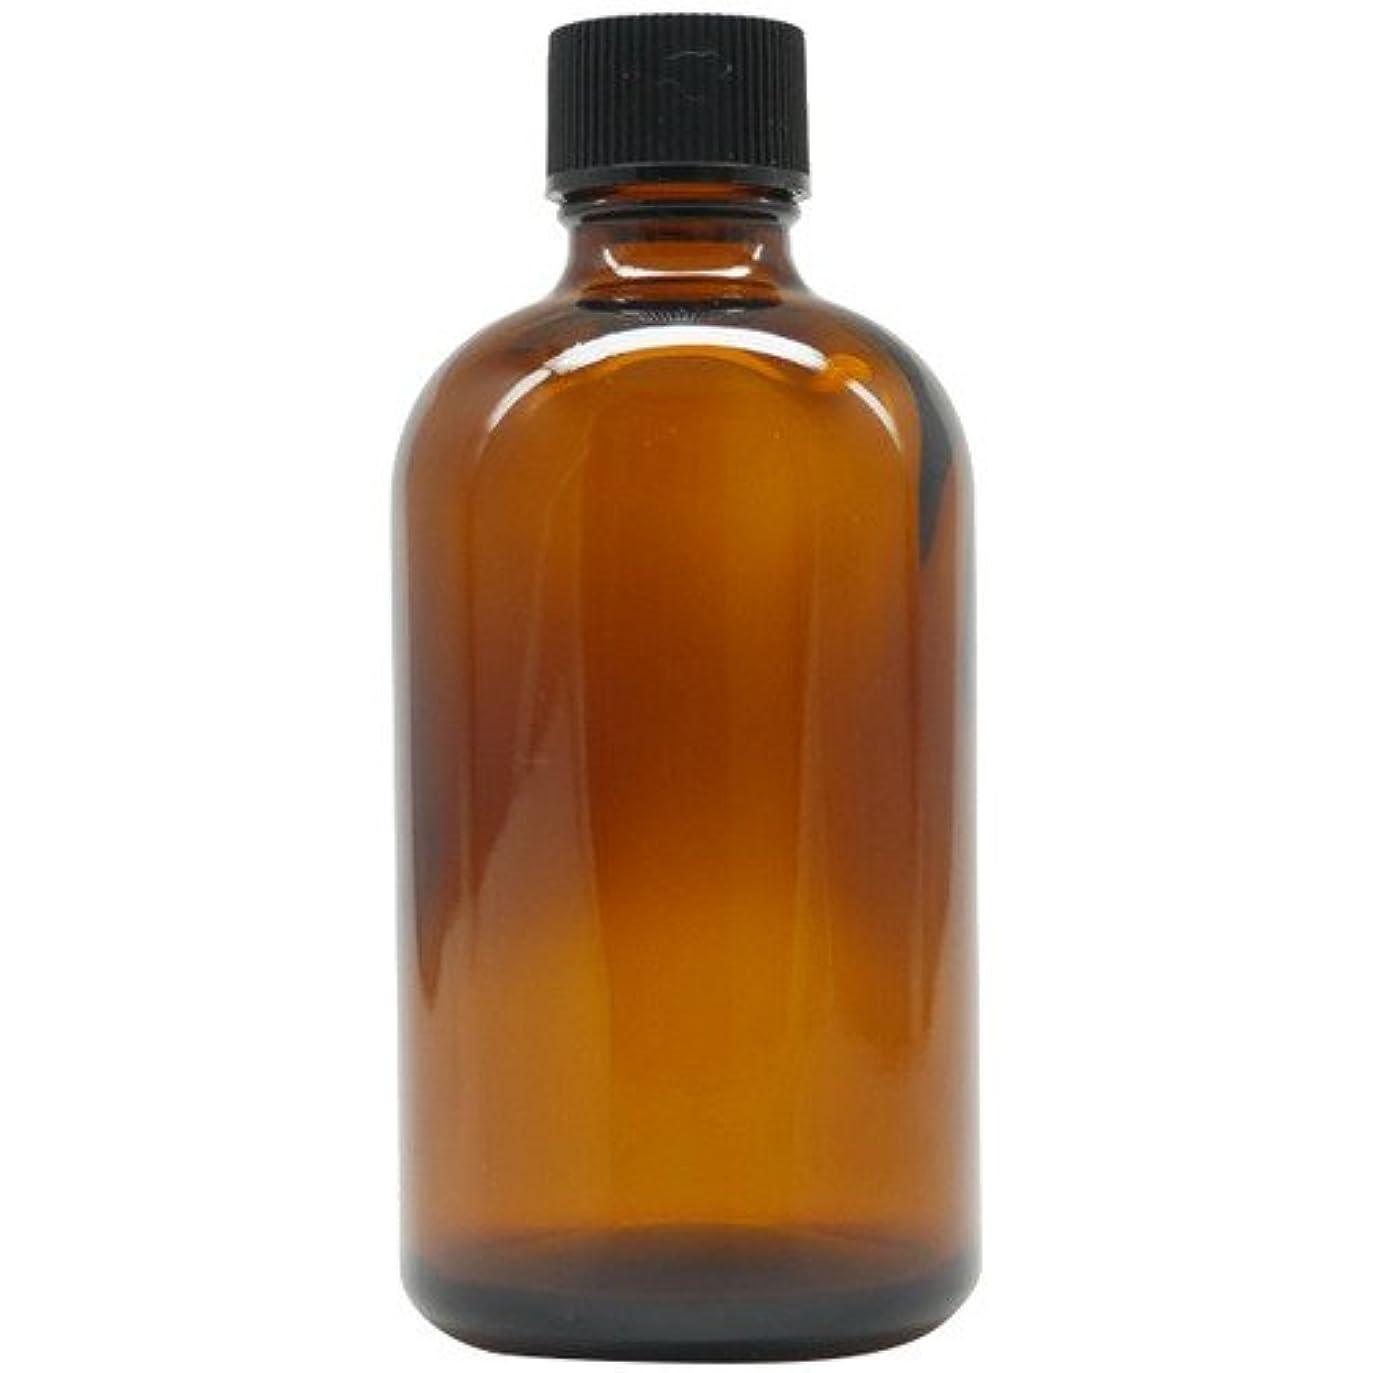 関与する休暇花瓶アロマアンドライフ (D)茶瓶中止栓100ml 3本セット